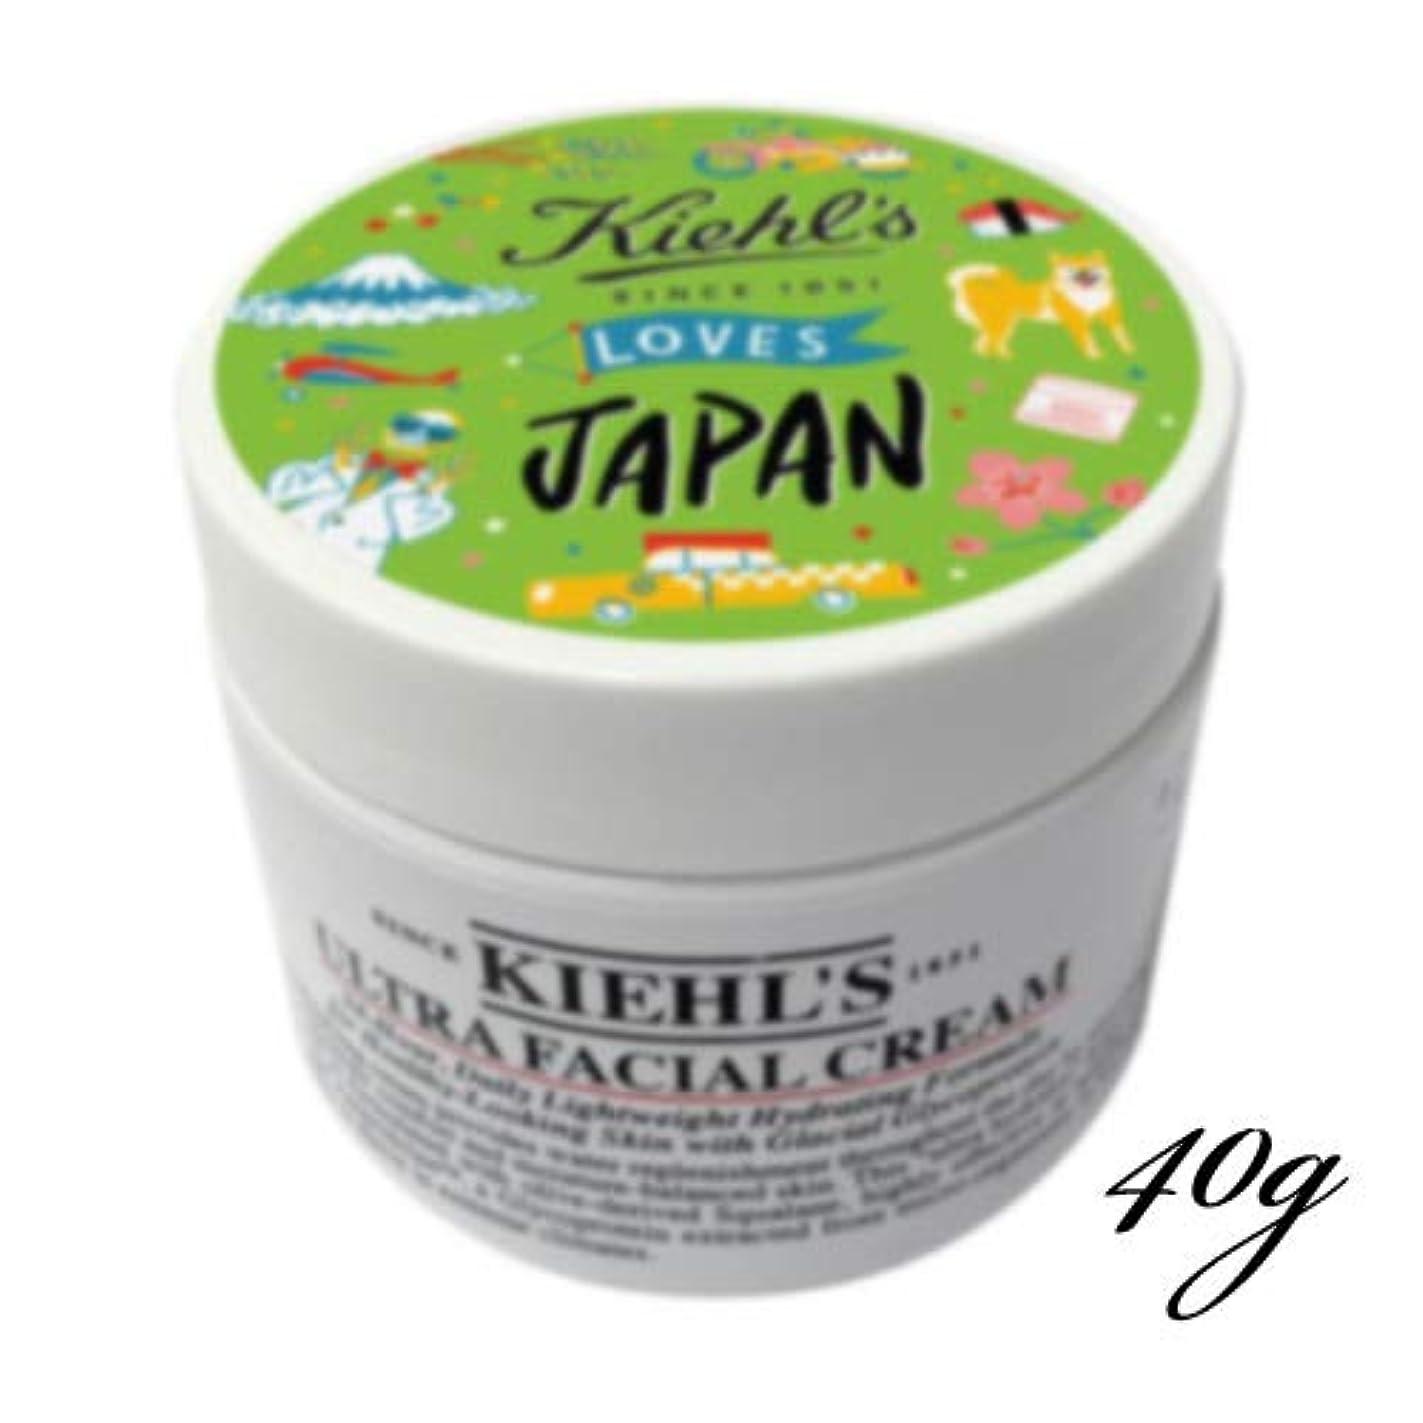 生きる神Kiehl's(キールズ) キールズ クリーム UFC (Kiehl's loves JAPAN限定 エディション) 49g